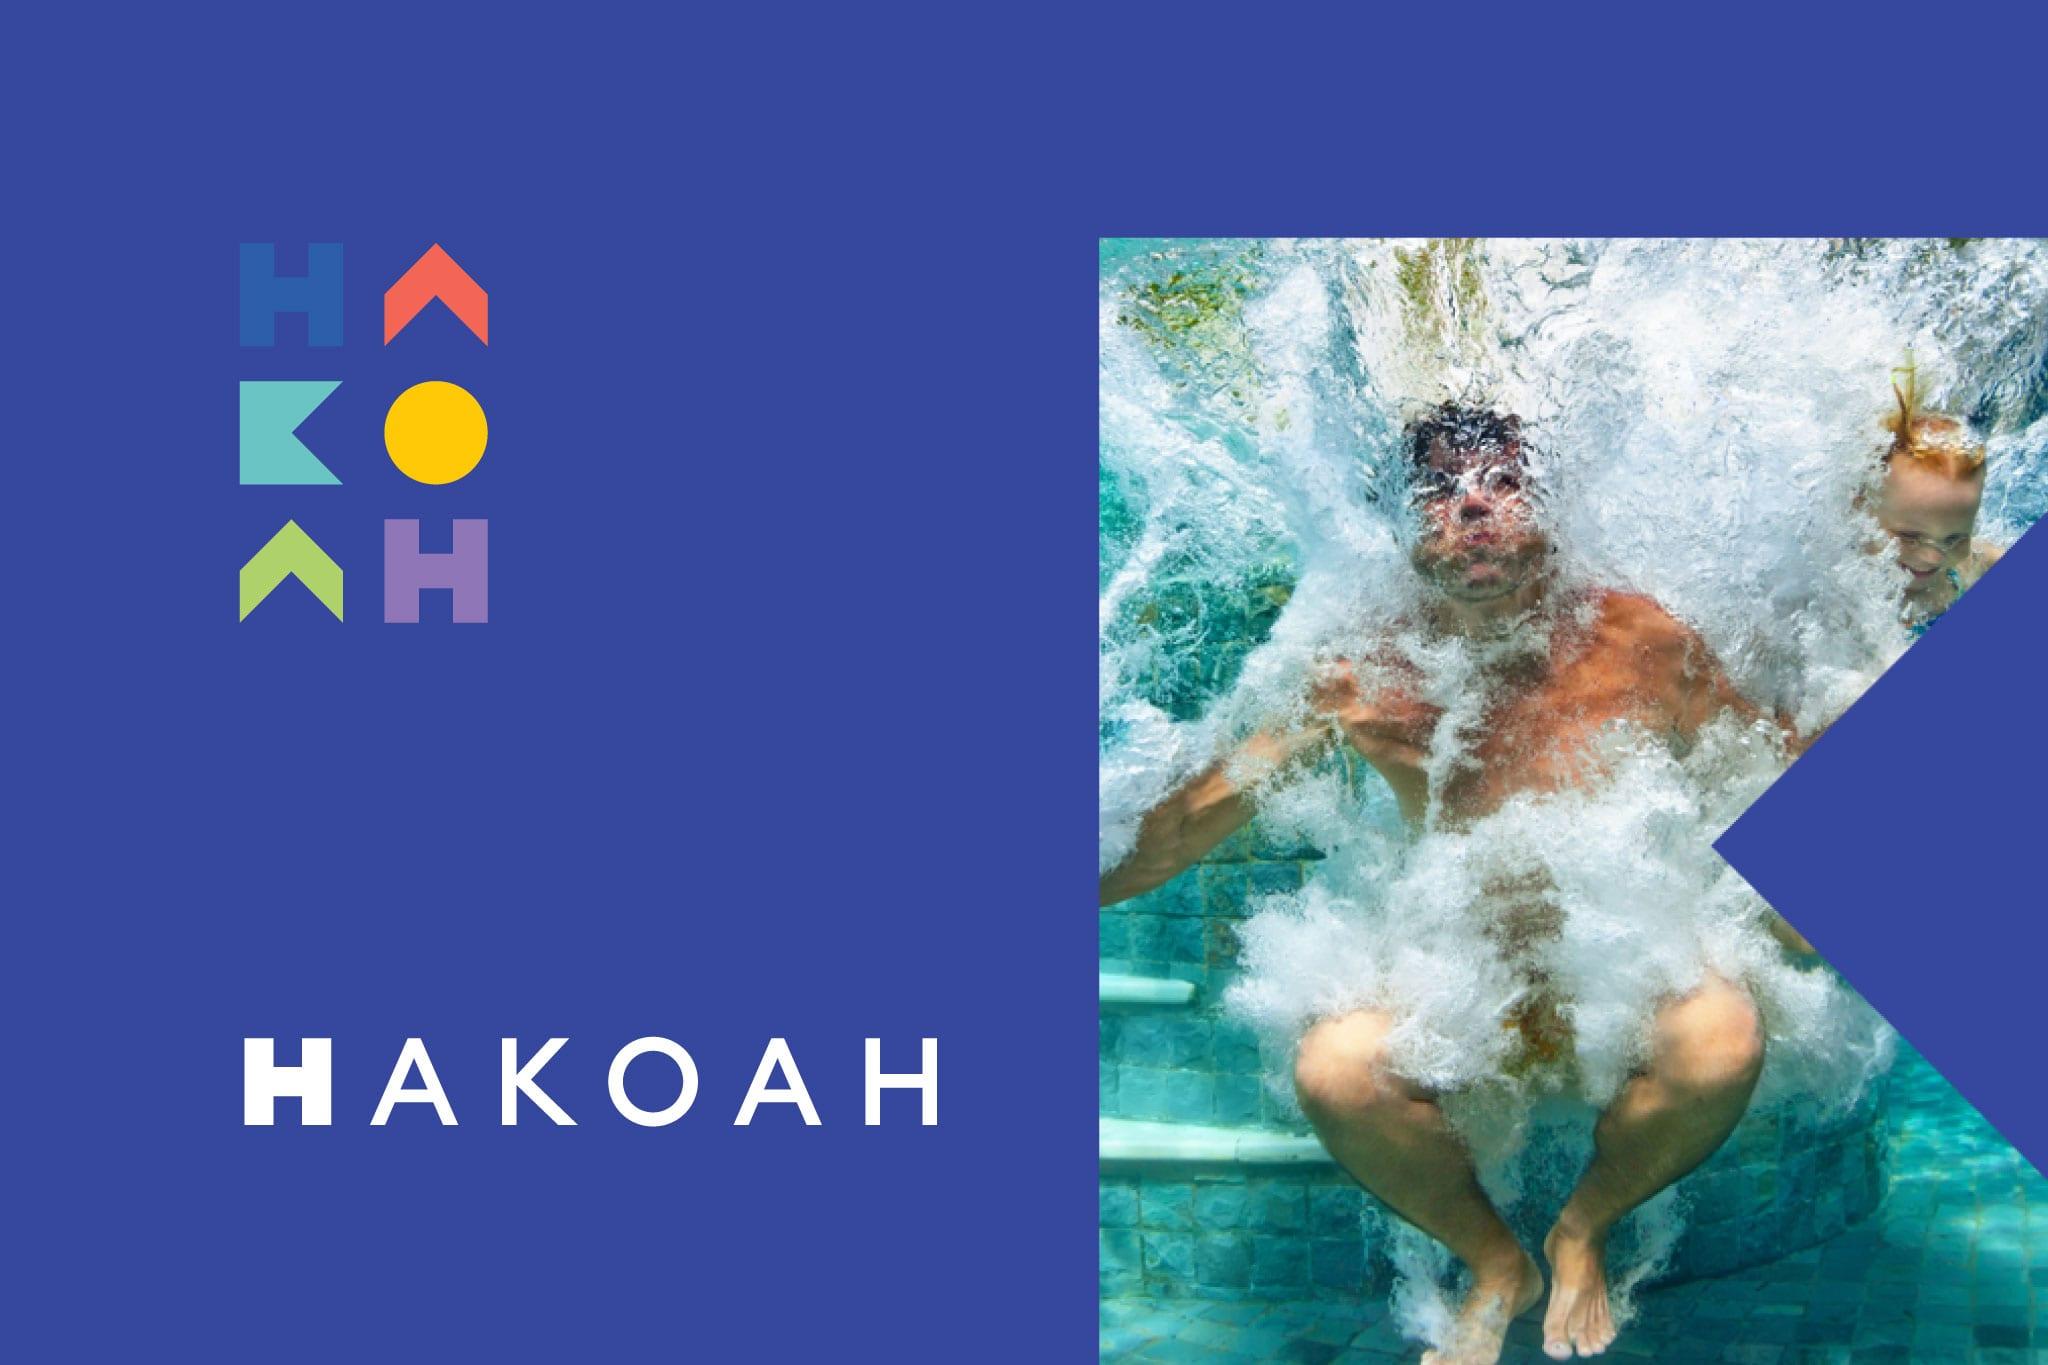 Hakoah-HeroImage-1